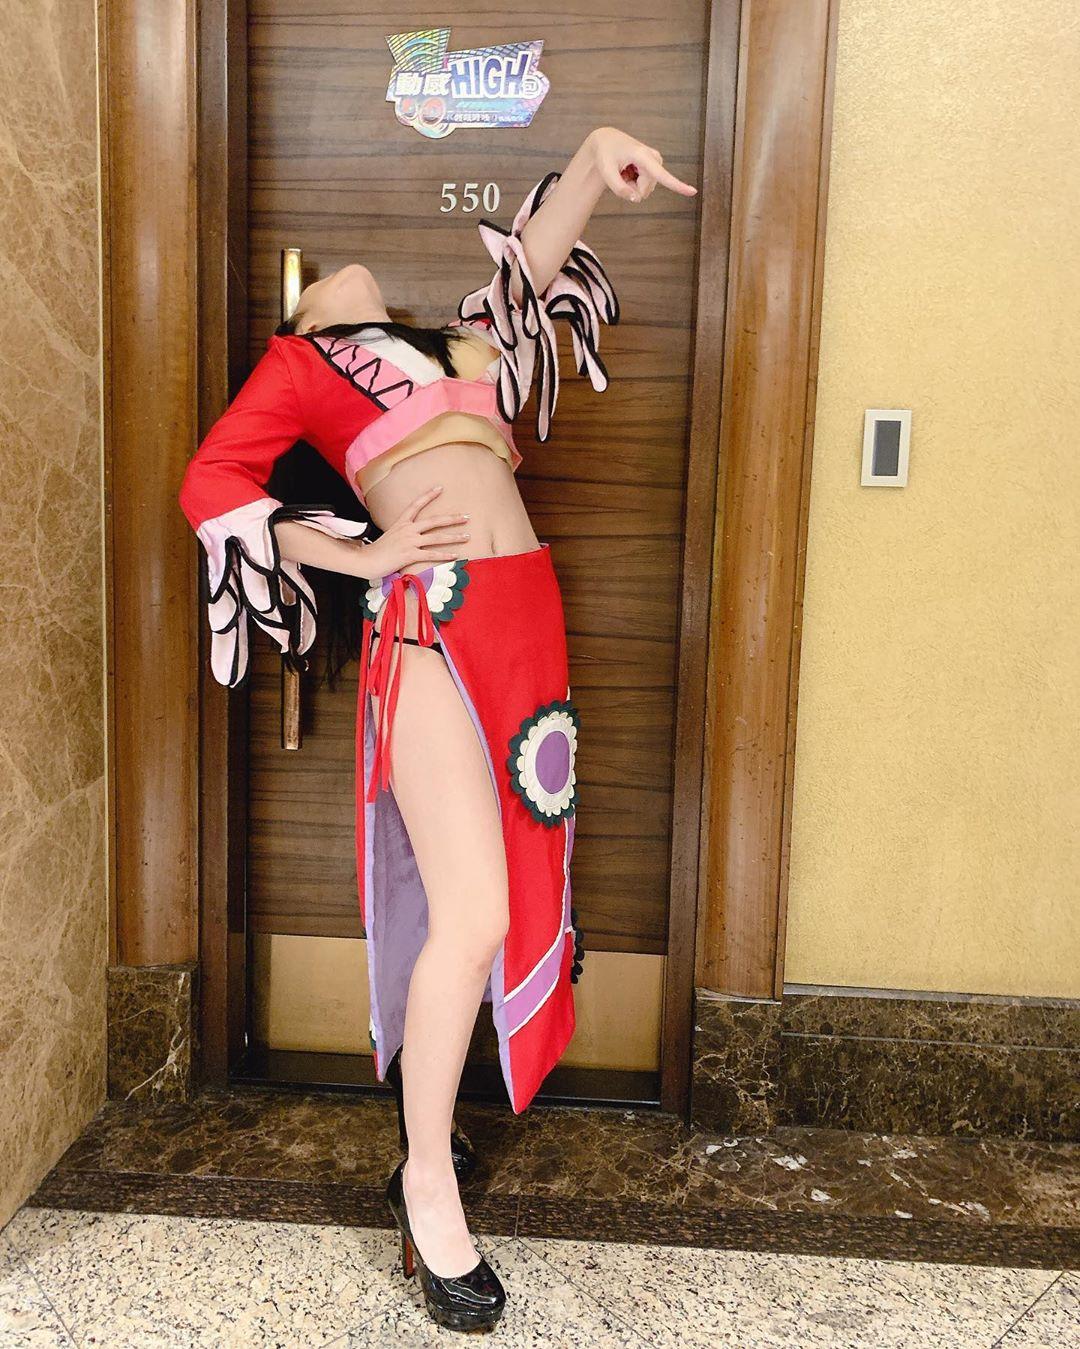 反骨艾瑞絲Cosplay《航海王》蛇姬!火辣高衩裙露出「小細繩」粉絲嗨翻:太猛了